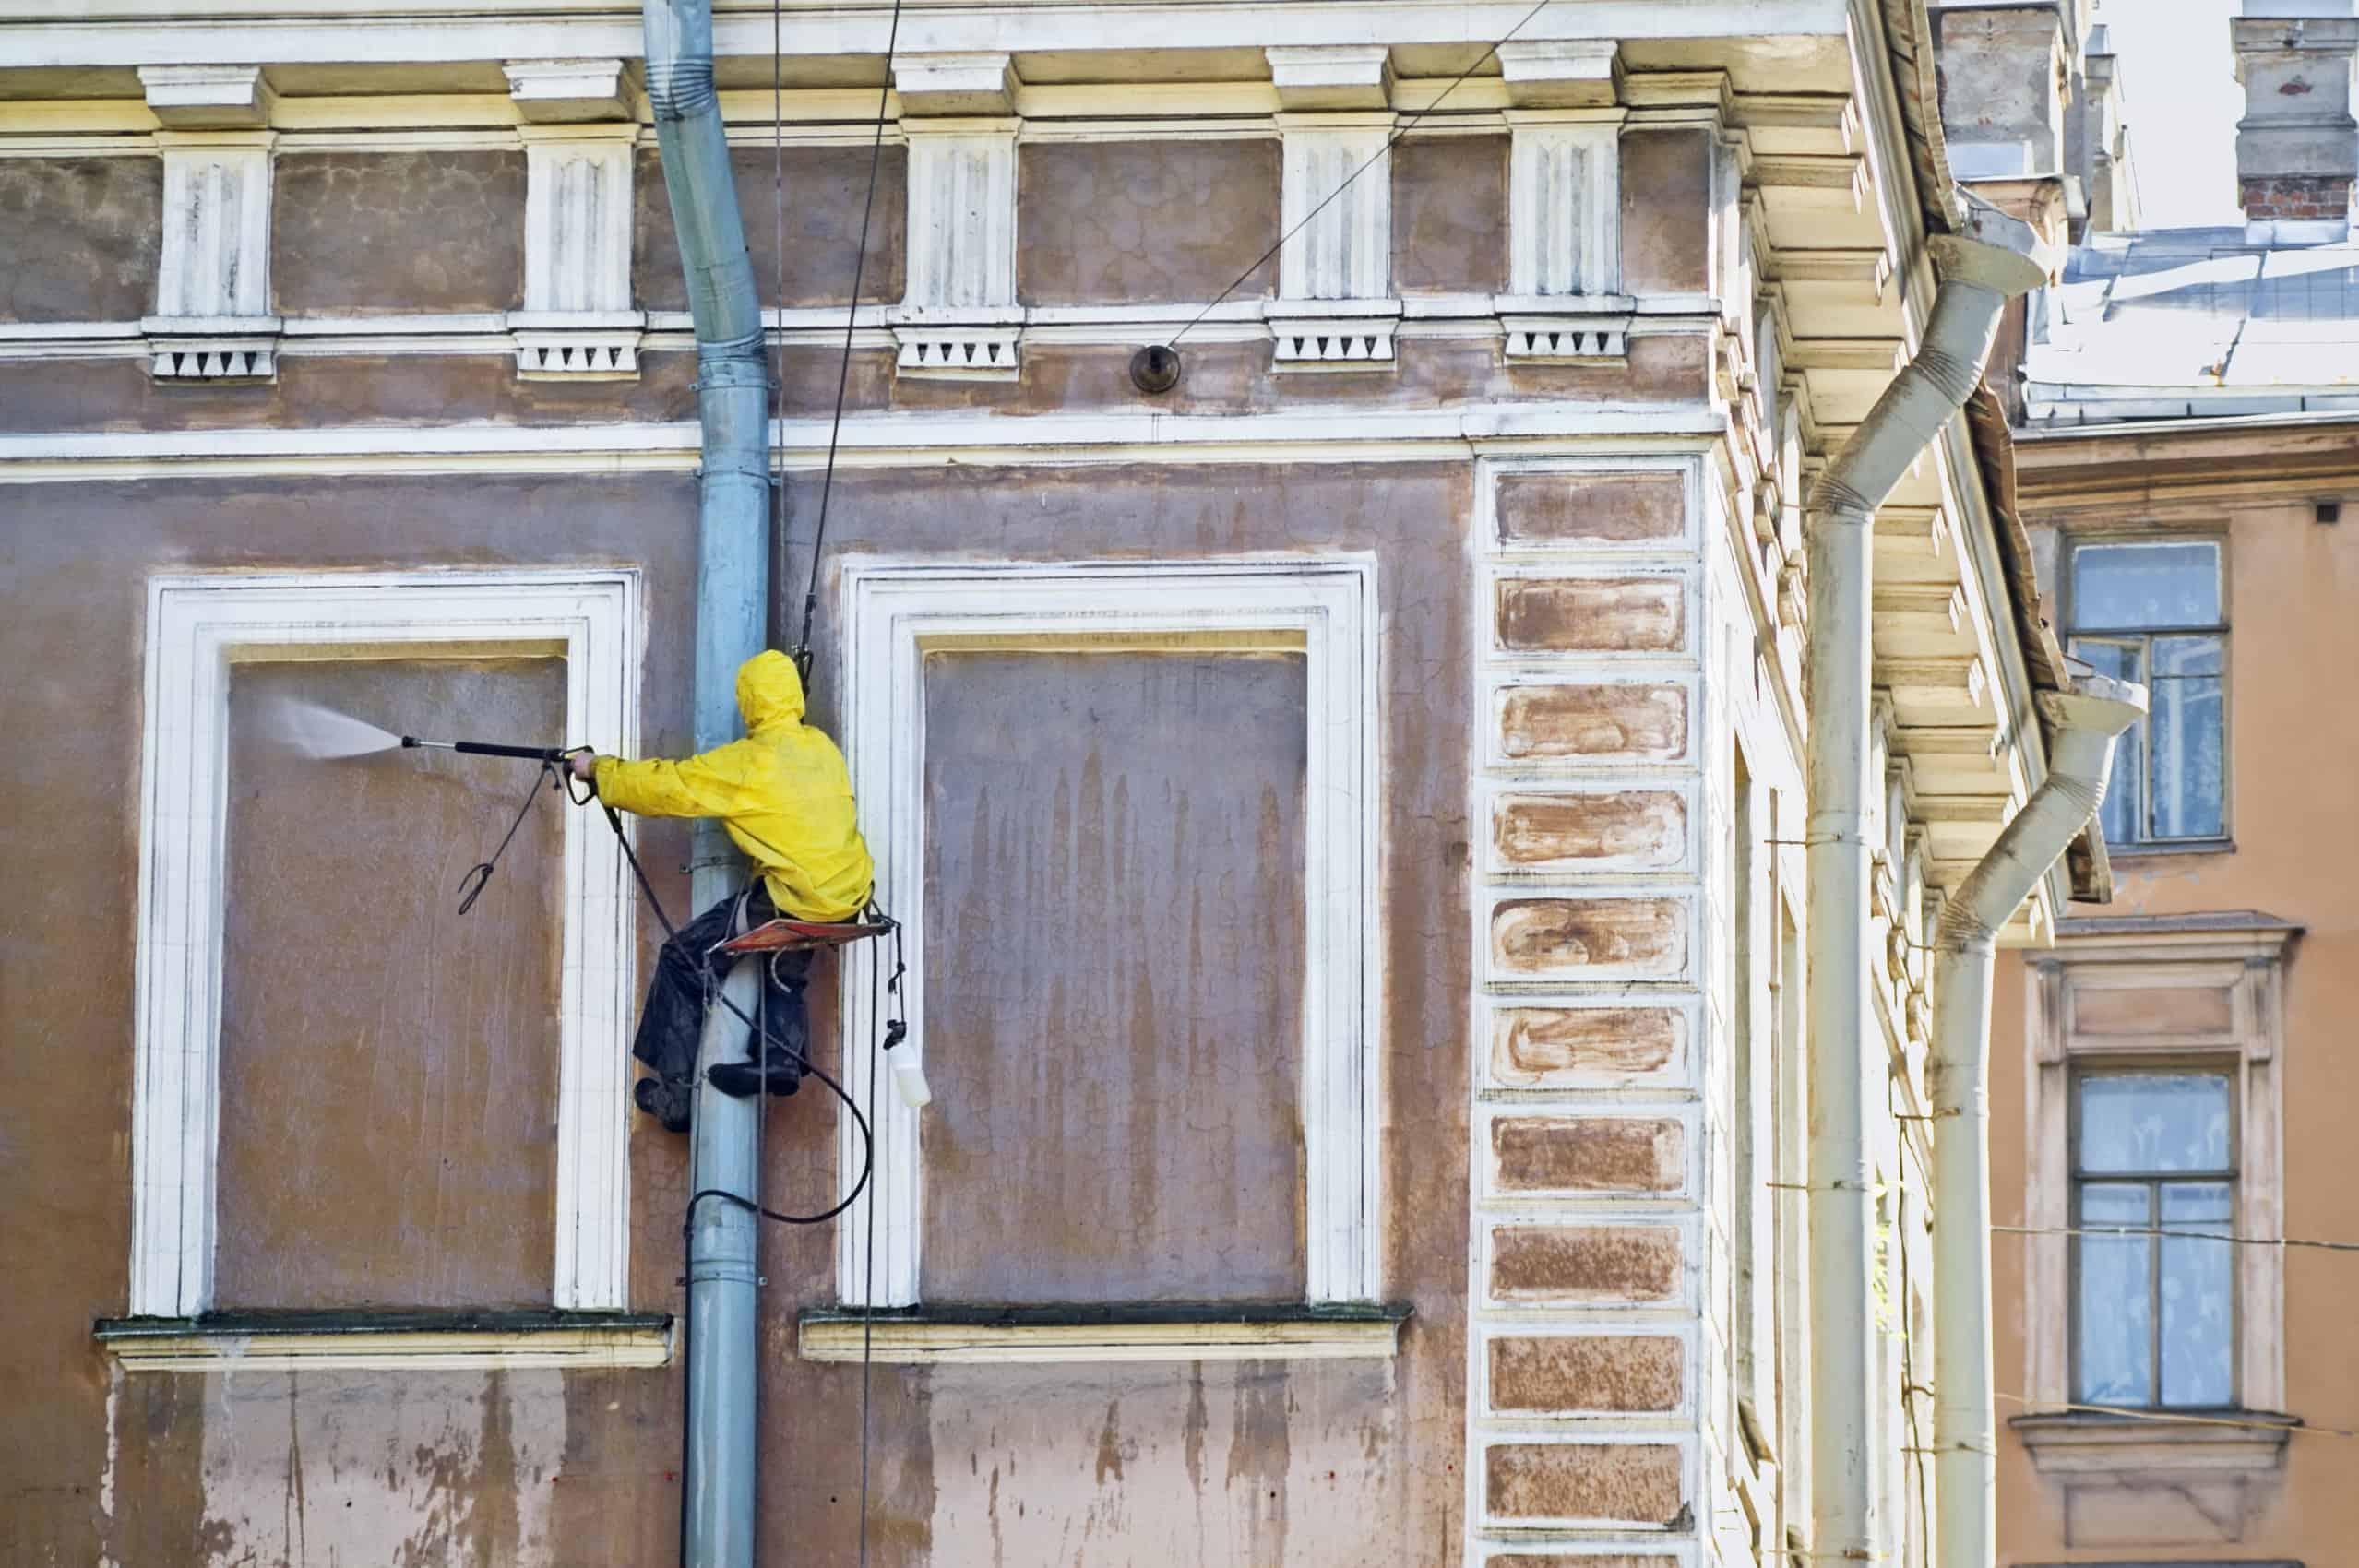 תיקון ושיפוץ חזיתות בניינים